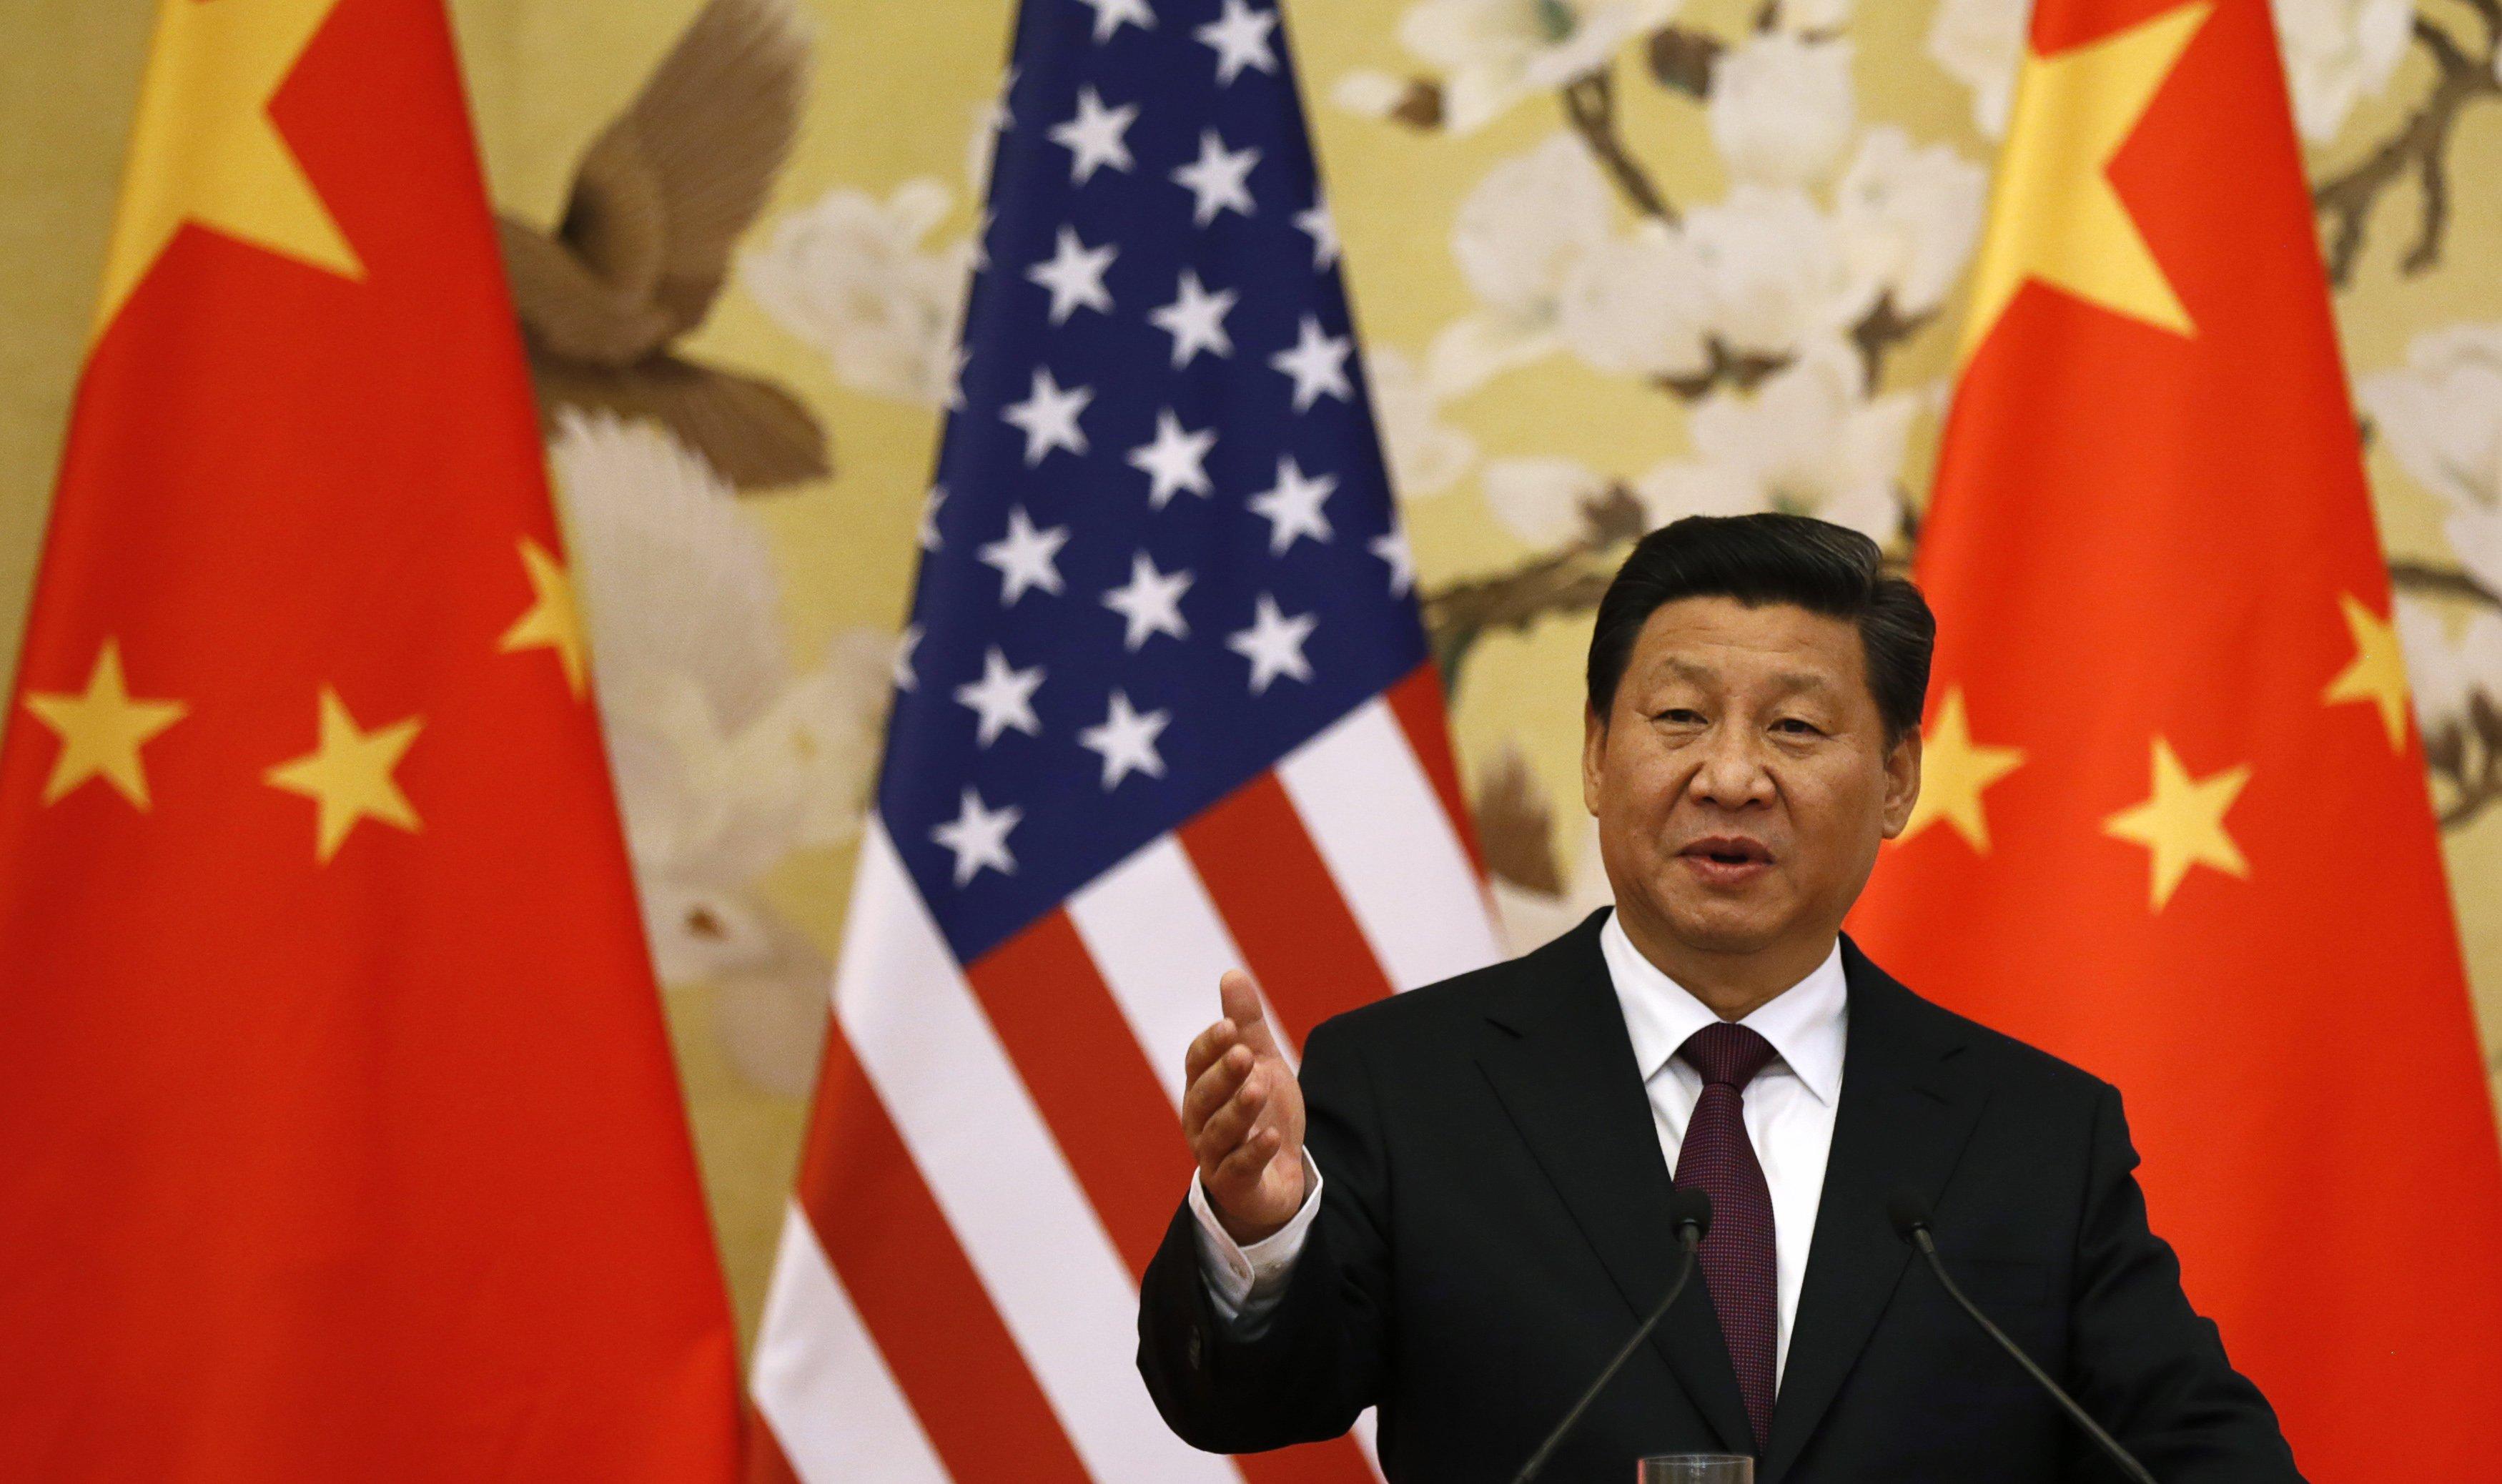 Trung Quốc: Ông Tập Cận Bình sẽ tìm cách duy trì quyền lực?